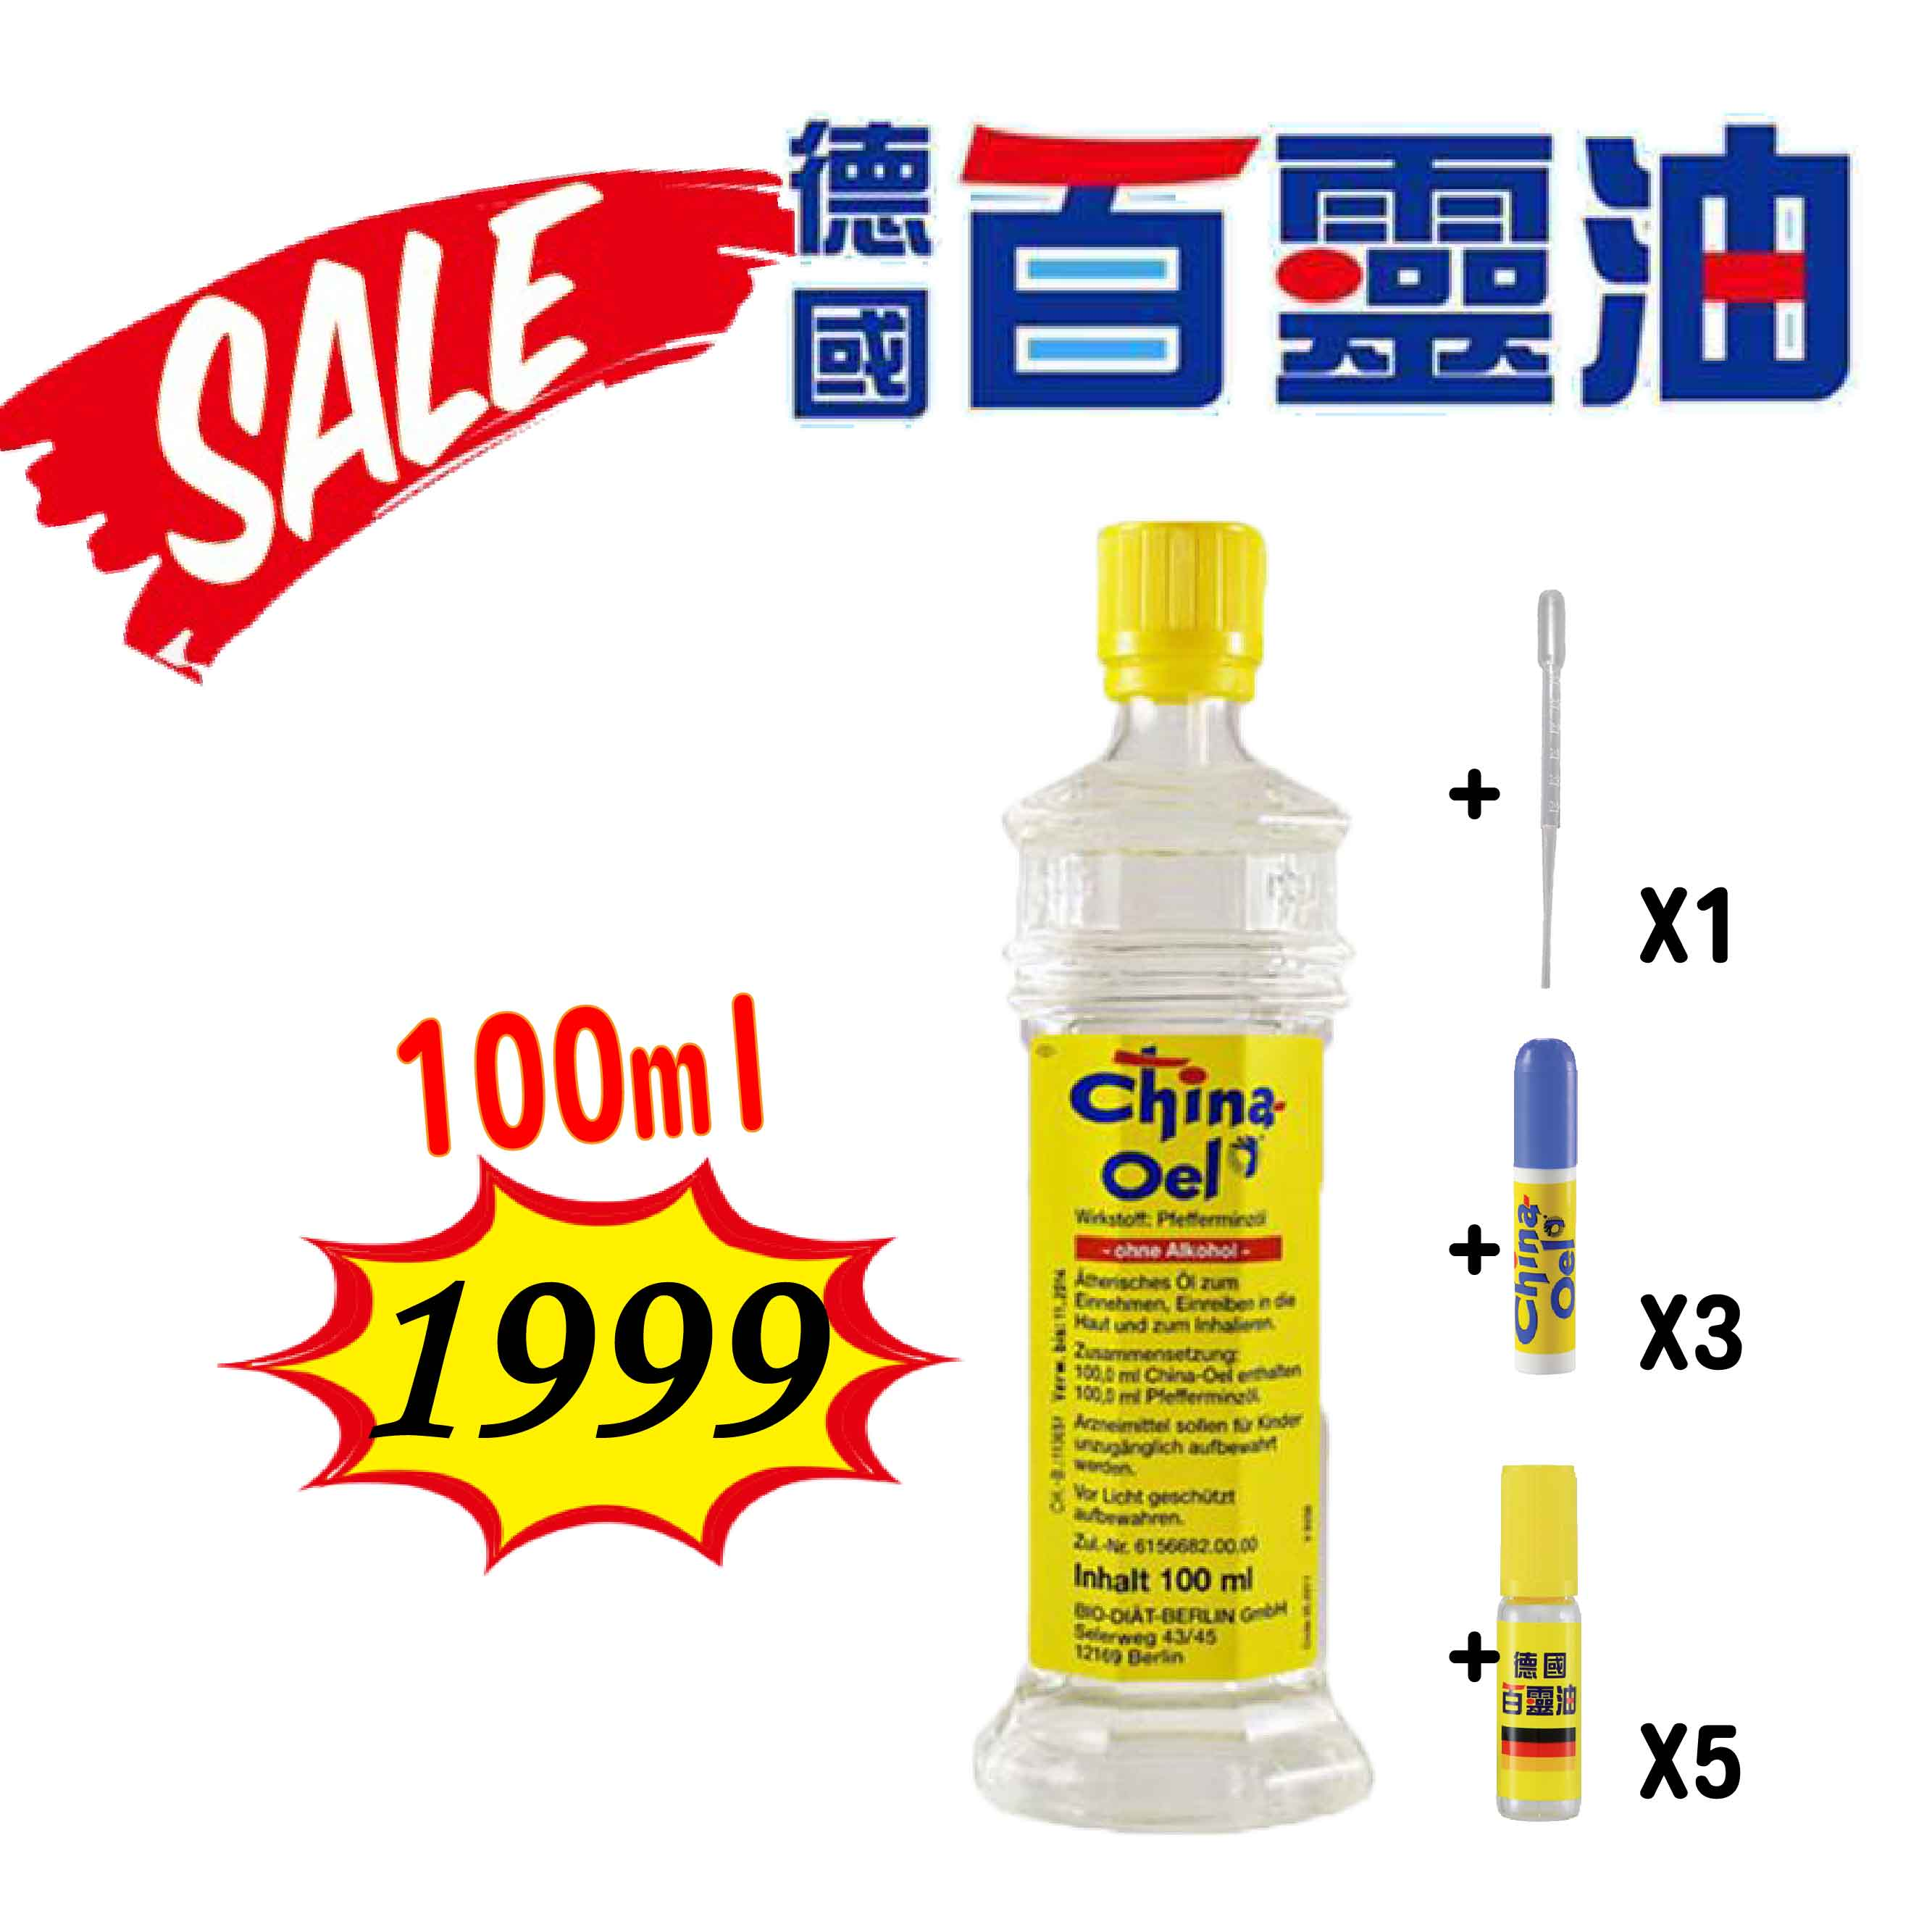 ◆多贈滾珠瓶X5◆吸入器X3◆分裝滴管◆東禾-德國百靈油 100ml【美十樂藥妝保健】